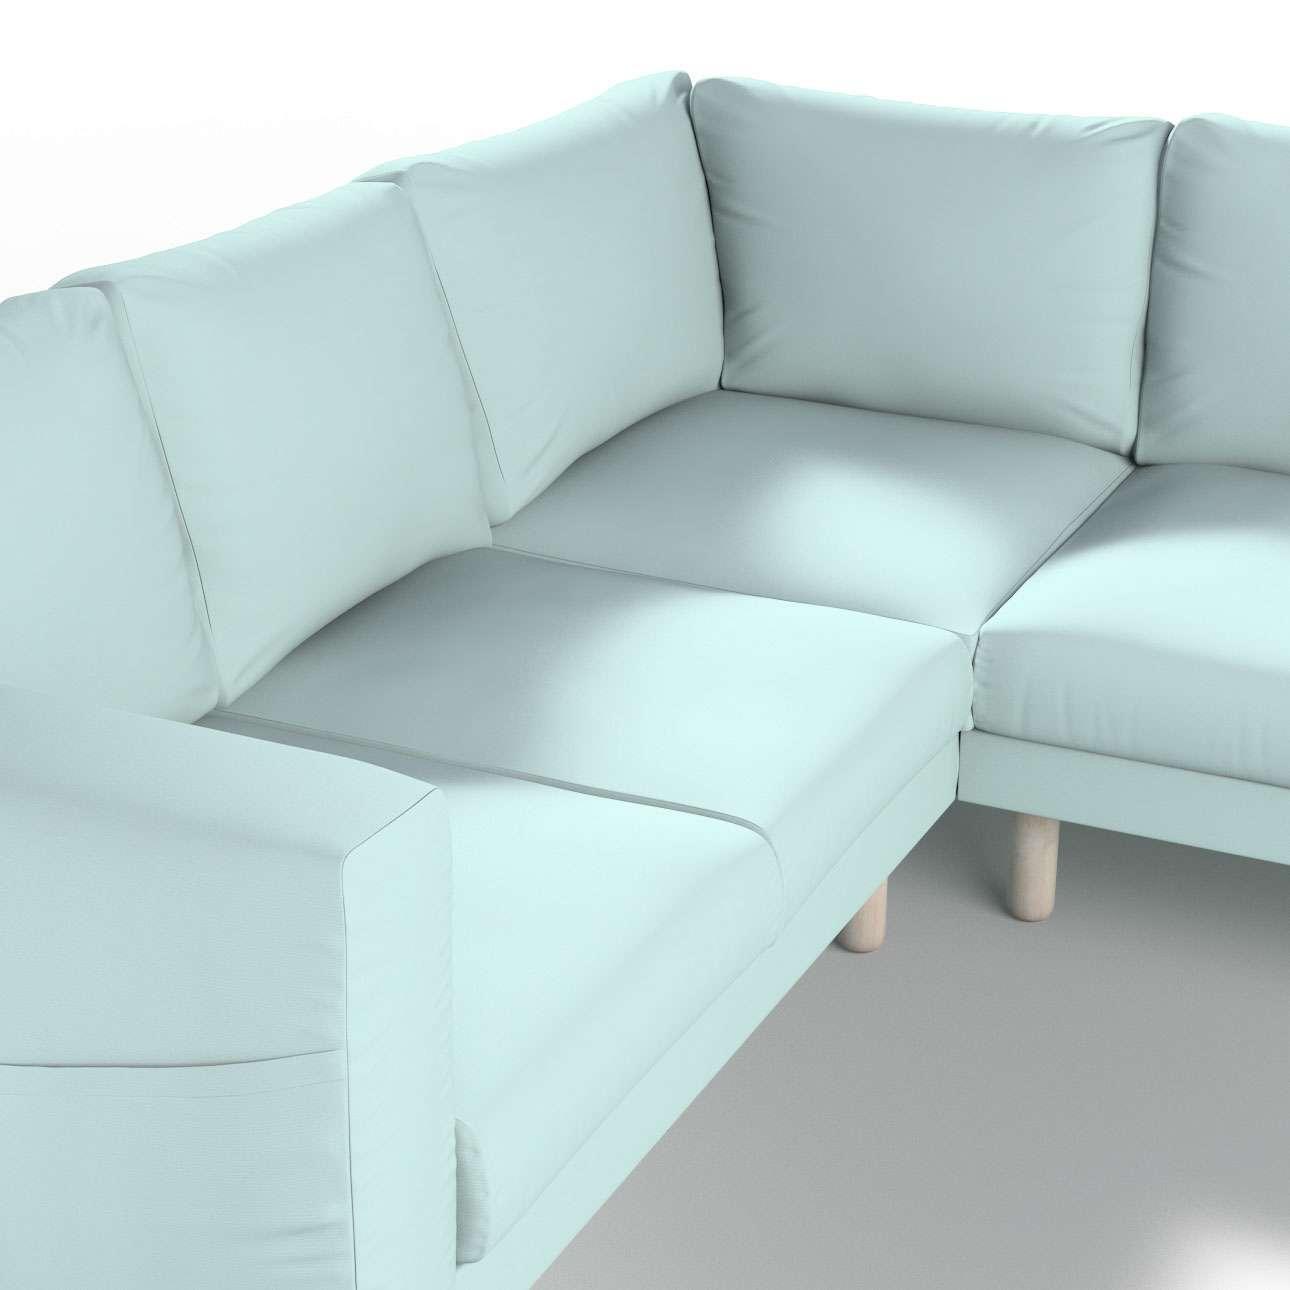 Pokrowiec na sofę narożną Norsborg 4-osobową w kolekcji Cotton Panama, tkanina: 702-10